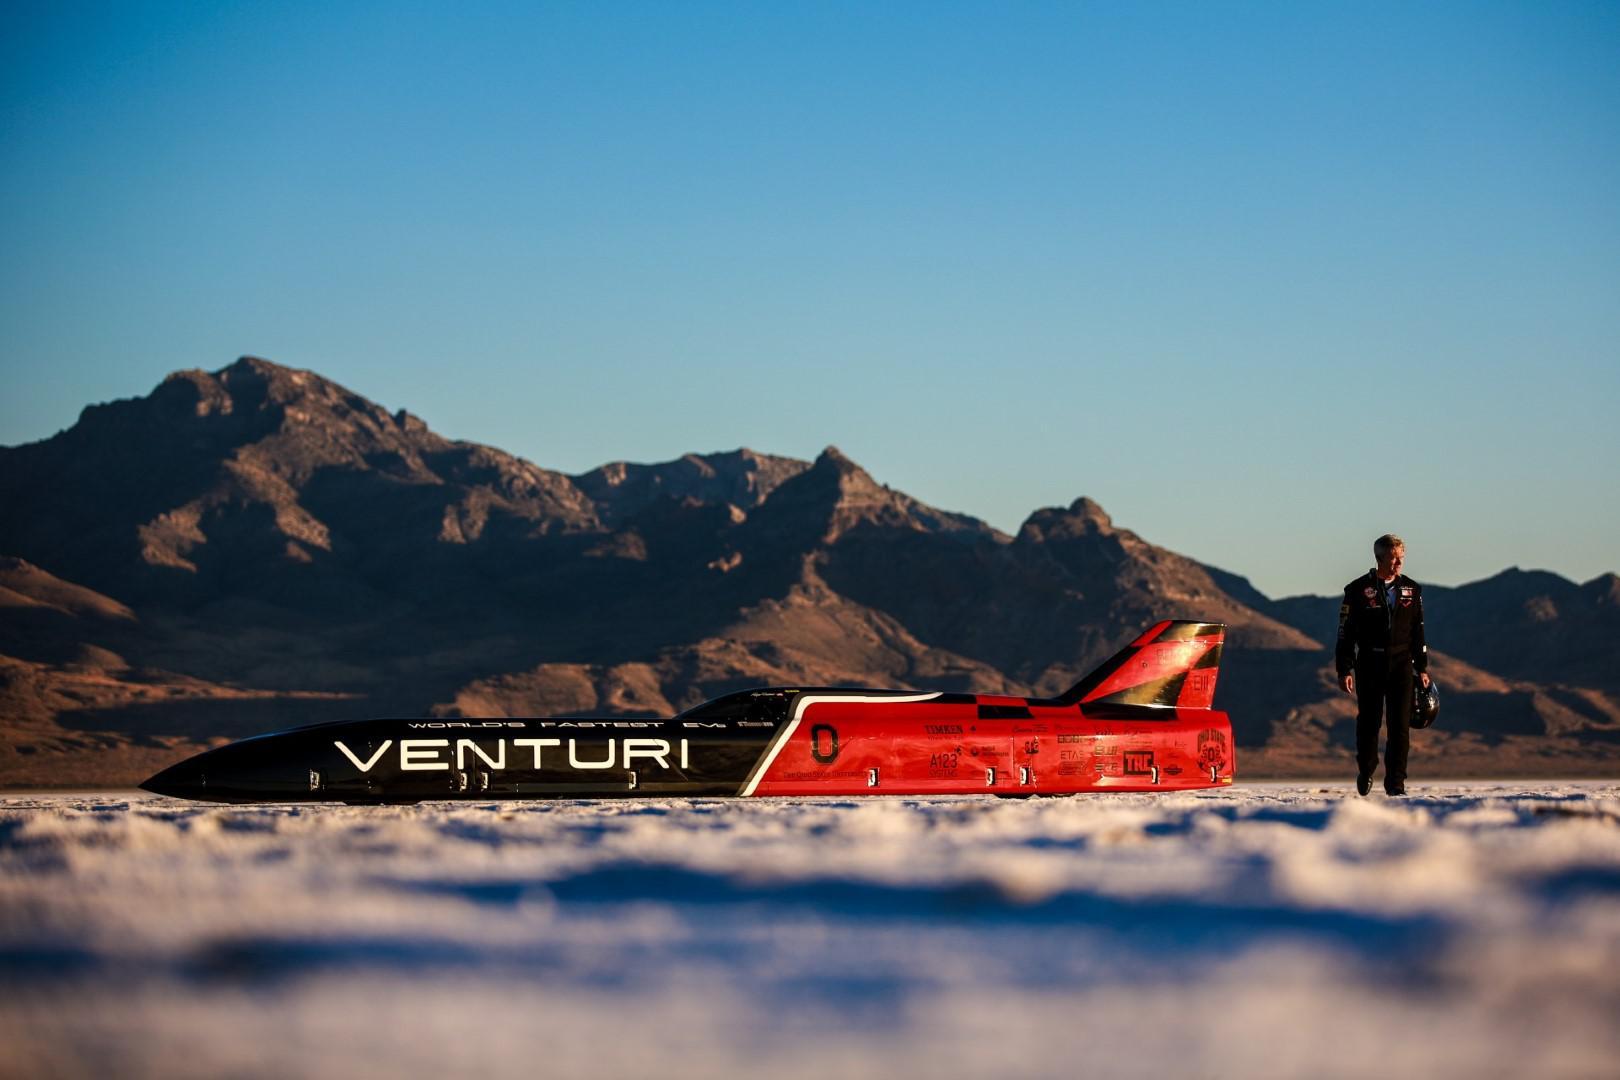 Venturi célèbre quatre années du record du monde de vitesse (549 km/h) pour un véhicule électrique